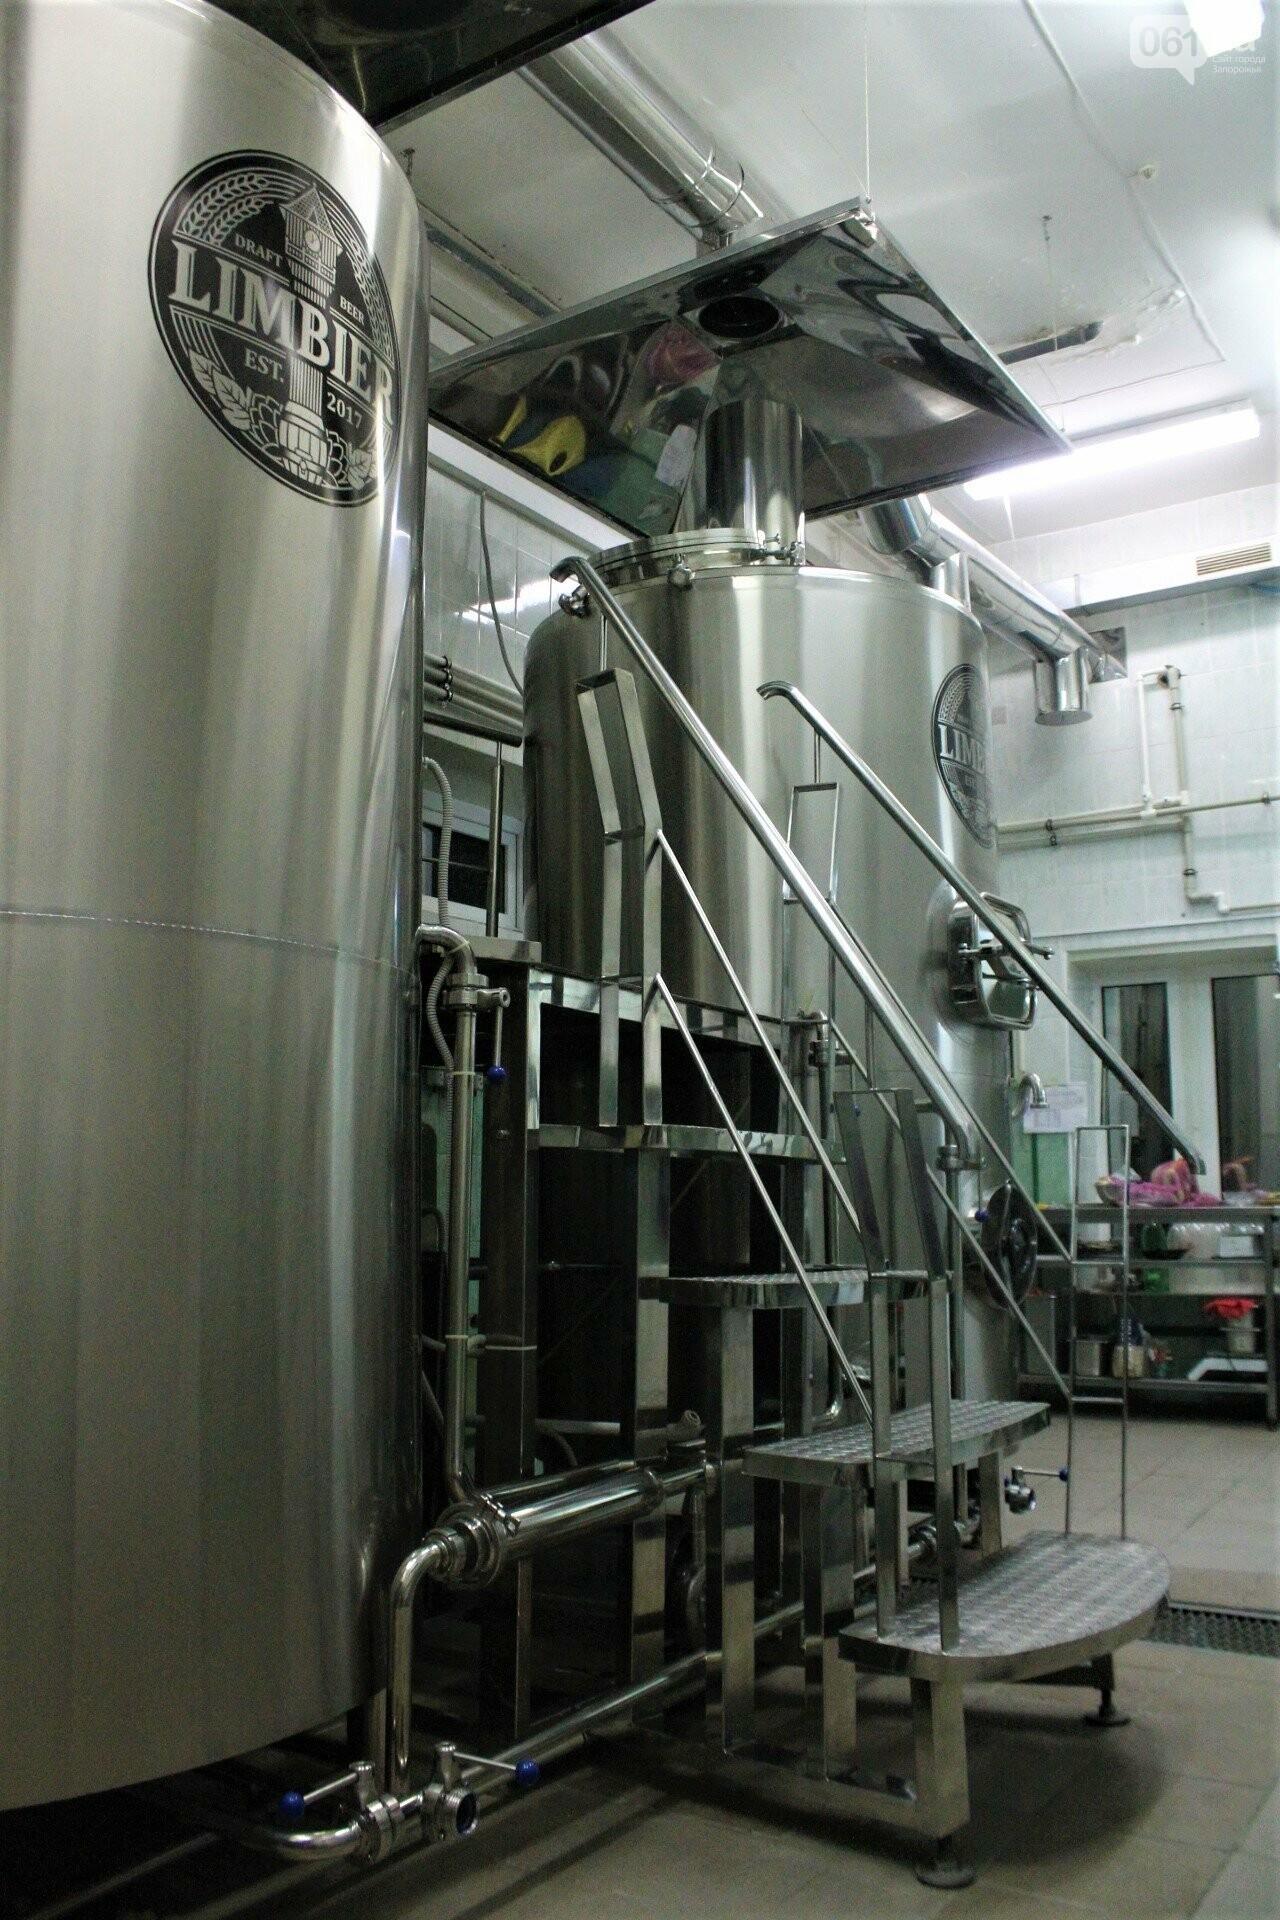 Как в Запорожье готовят крафтовое пиво «Limbier»: экскурсия на производство, – ФОТОРЕПОРТАЖ, фото-10